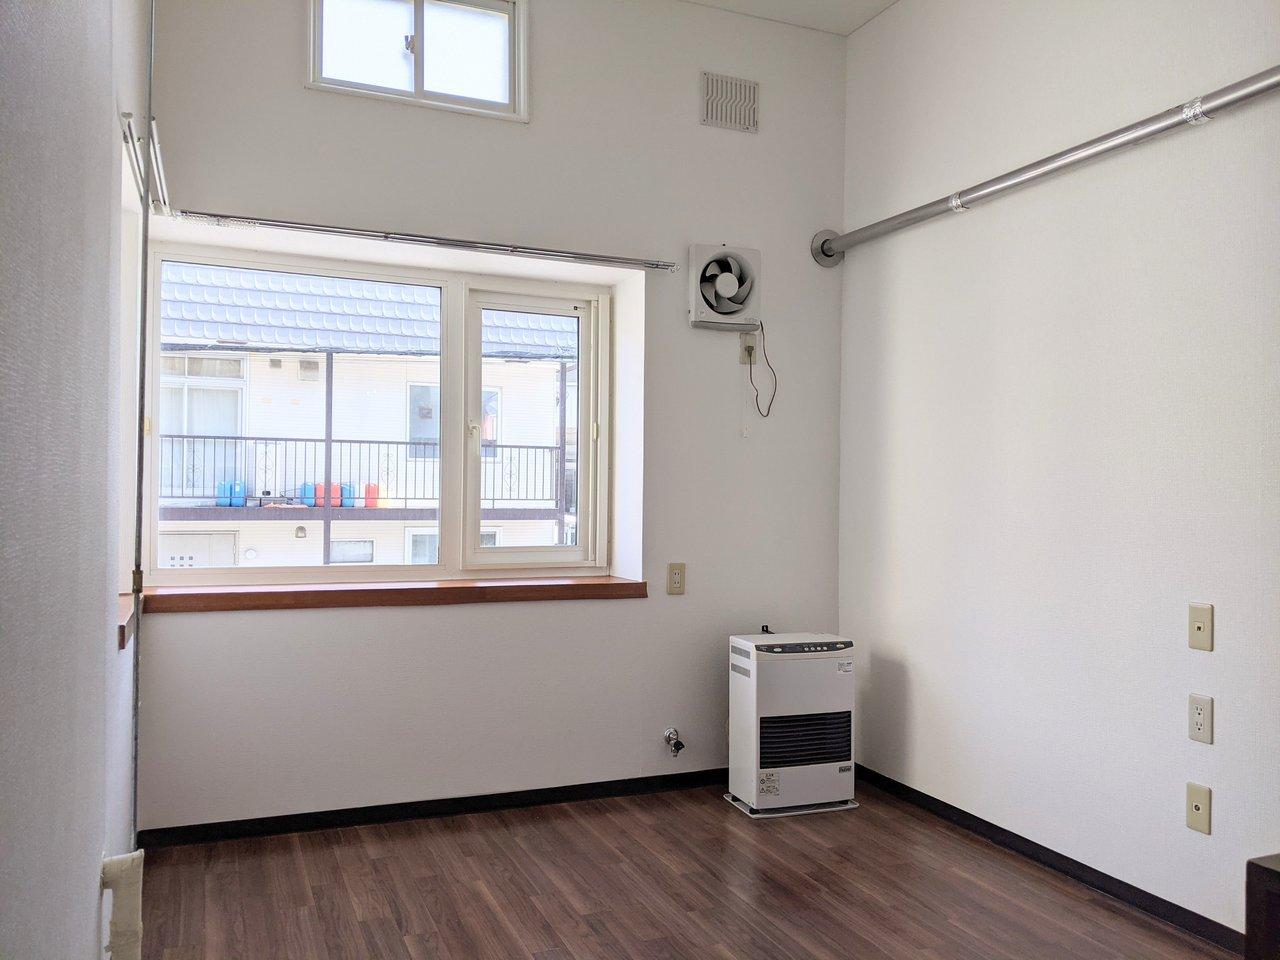 たっぷり9畳あるワンルーム。南東向きの二面採光のお部屋です。天井が高いので、高い位置にも窓があるのがうれしいですね。